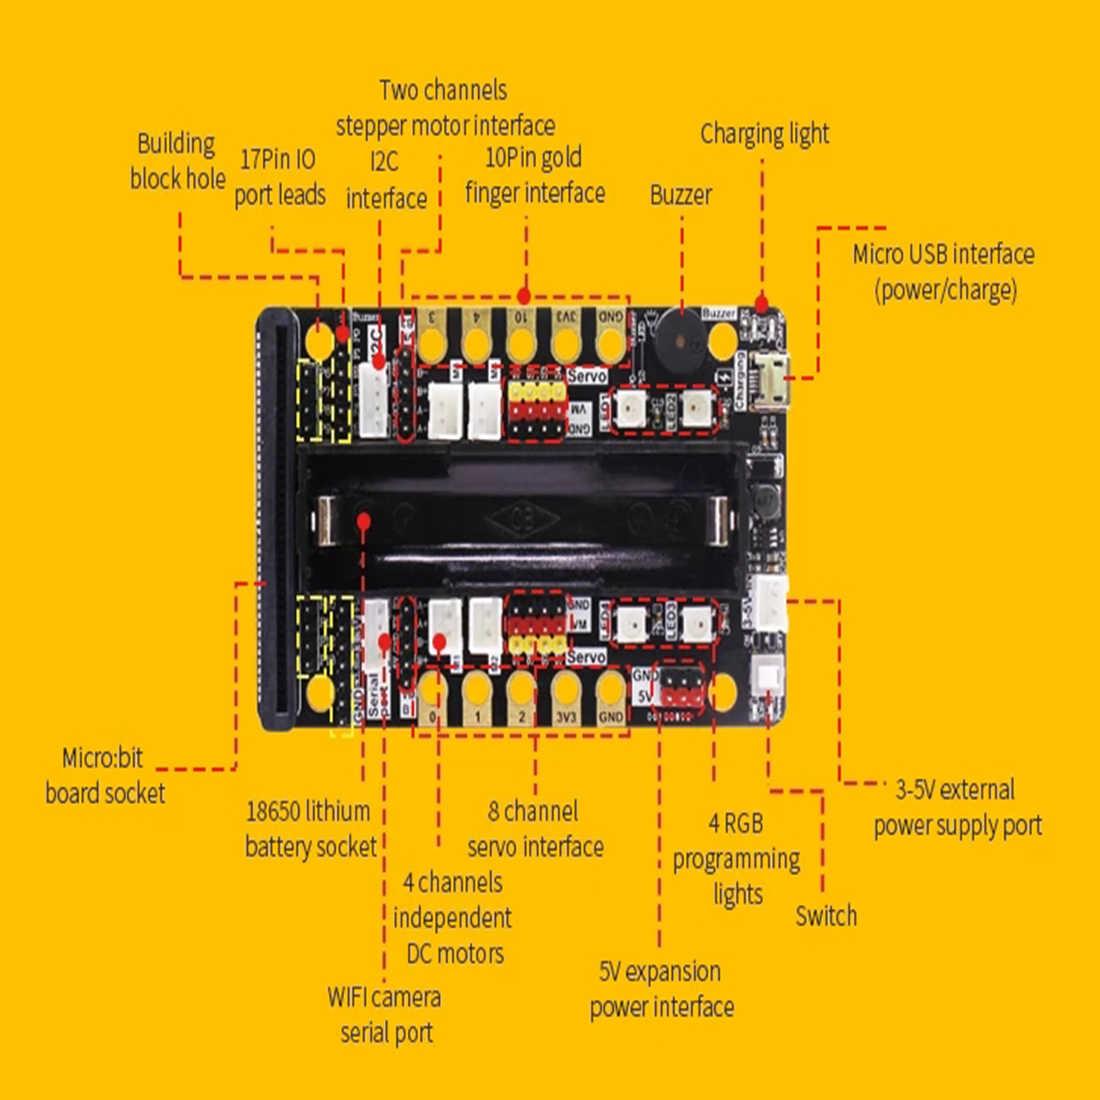 Программа интеллектуального робота Комплект парового программирования Образование Строительный блок паук для микро: бит (в том числе микро: битная плата)